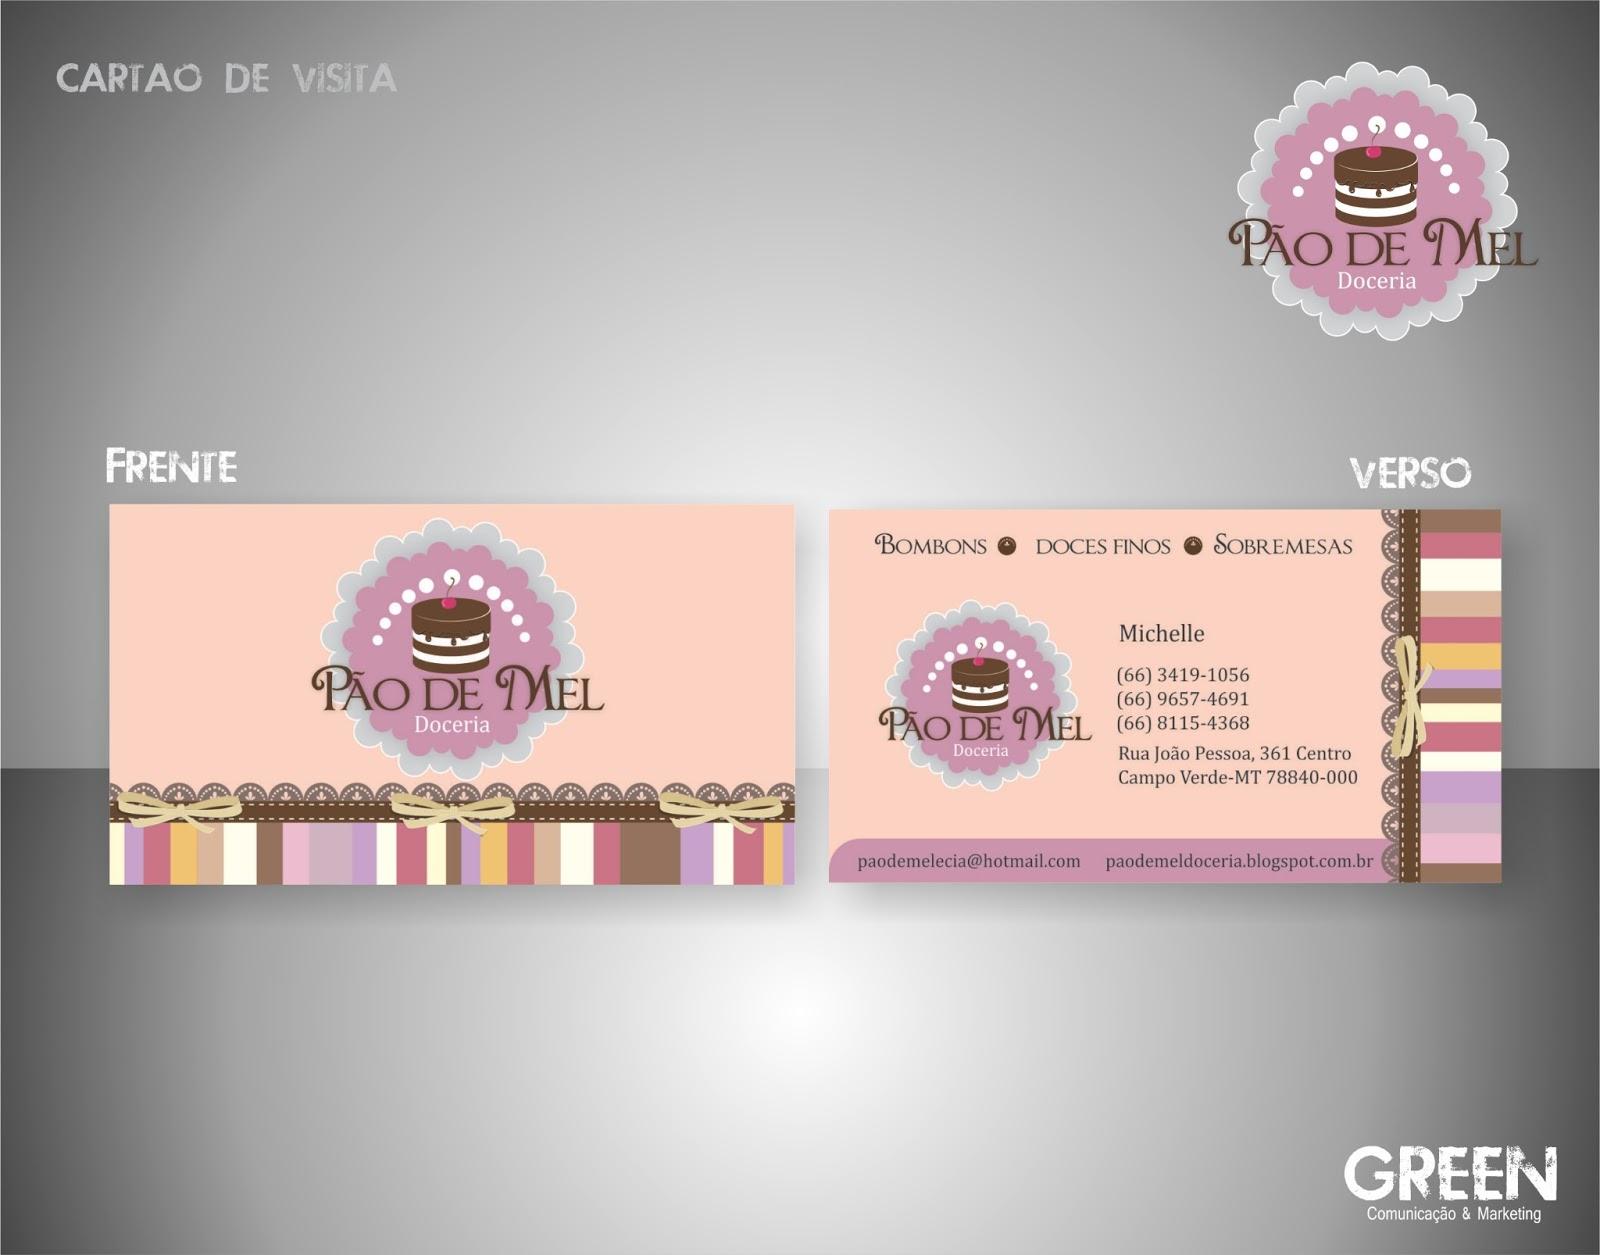 Famosos Green Comunicaçao e Marketing: Cartão de Visita - Pão de Mel Doceria ZB59